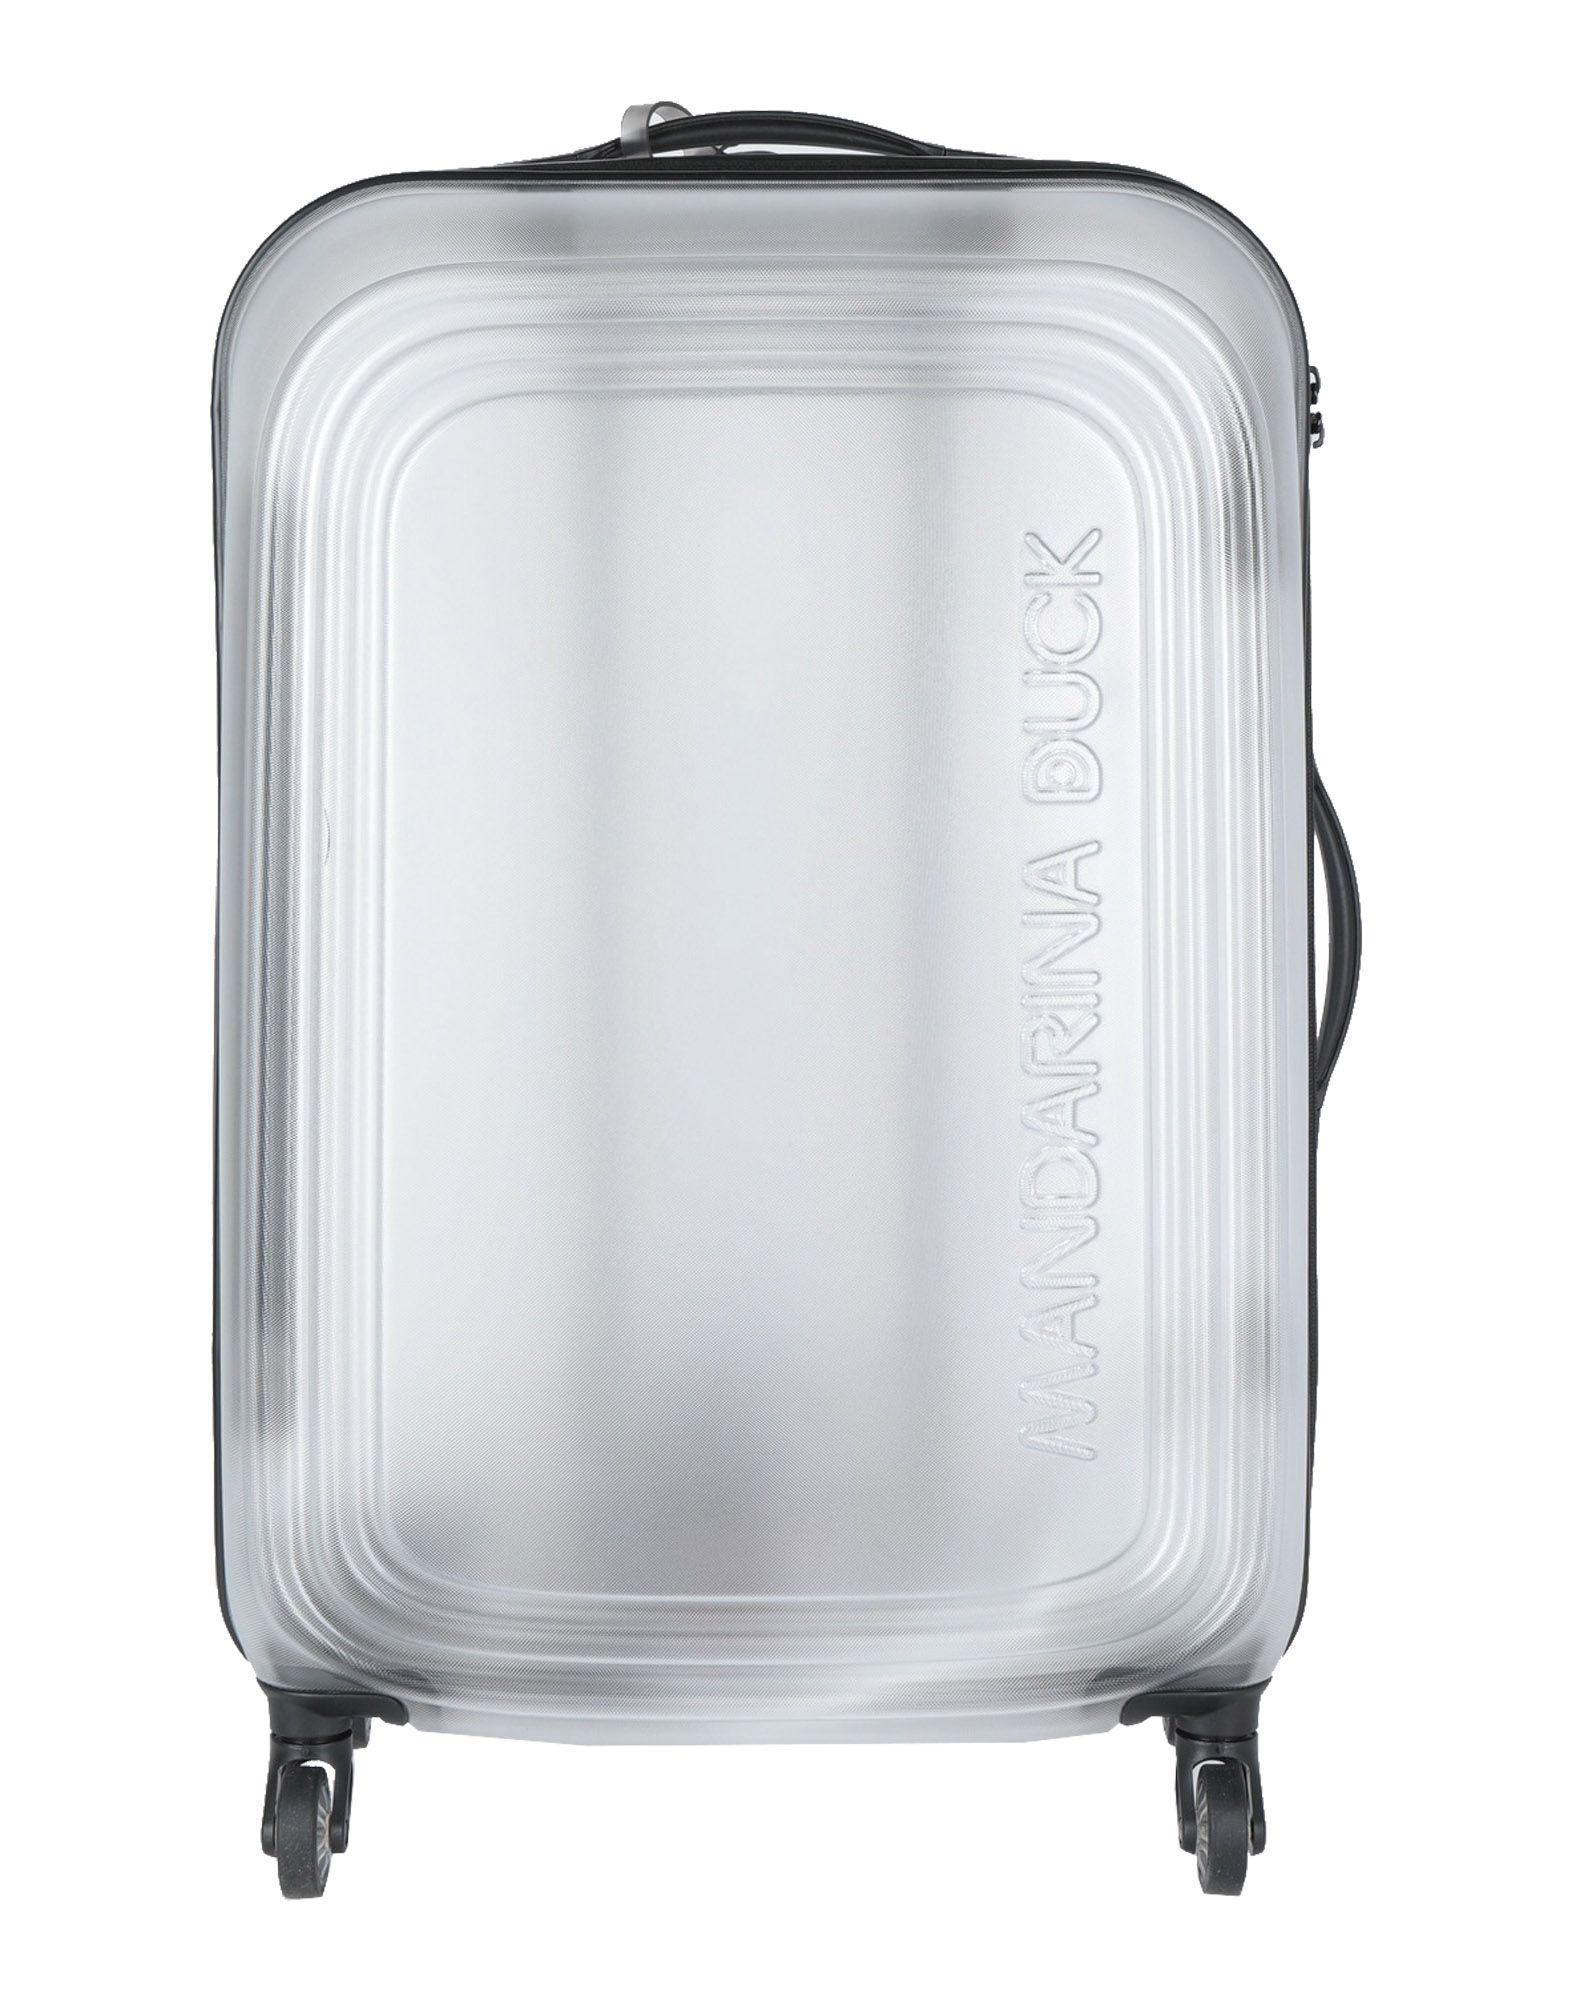 《期間限定セール中》MANDARINA DUCK Unisex キャスター付きバッグ 鉛色 アクリル / ポリエステル / ナイロン / シリコン